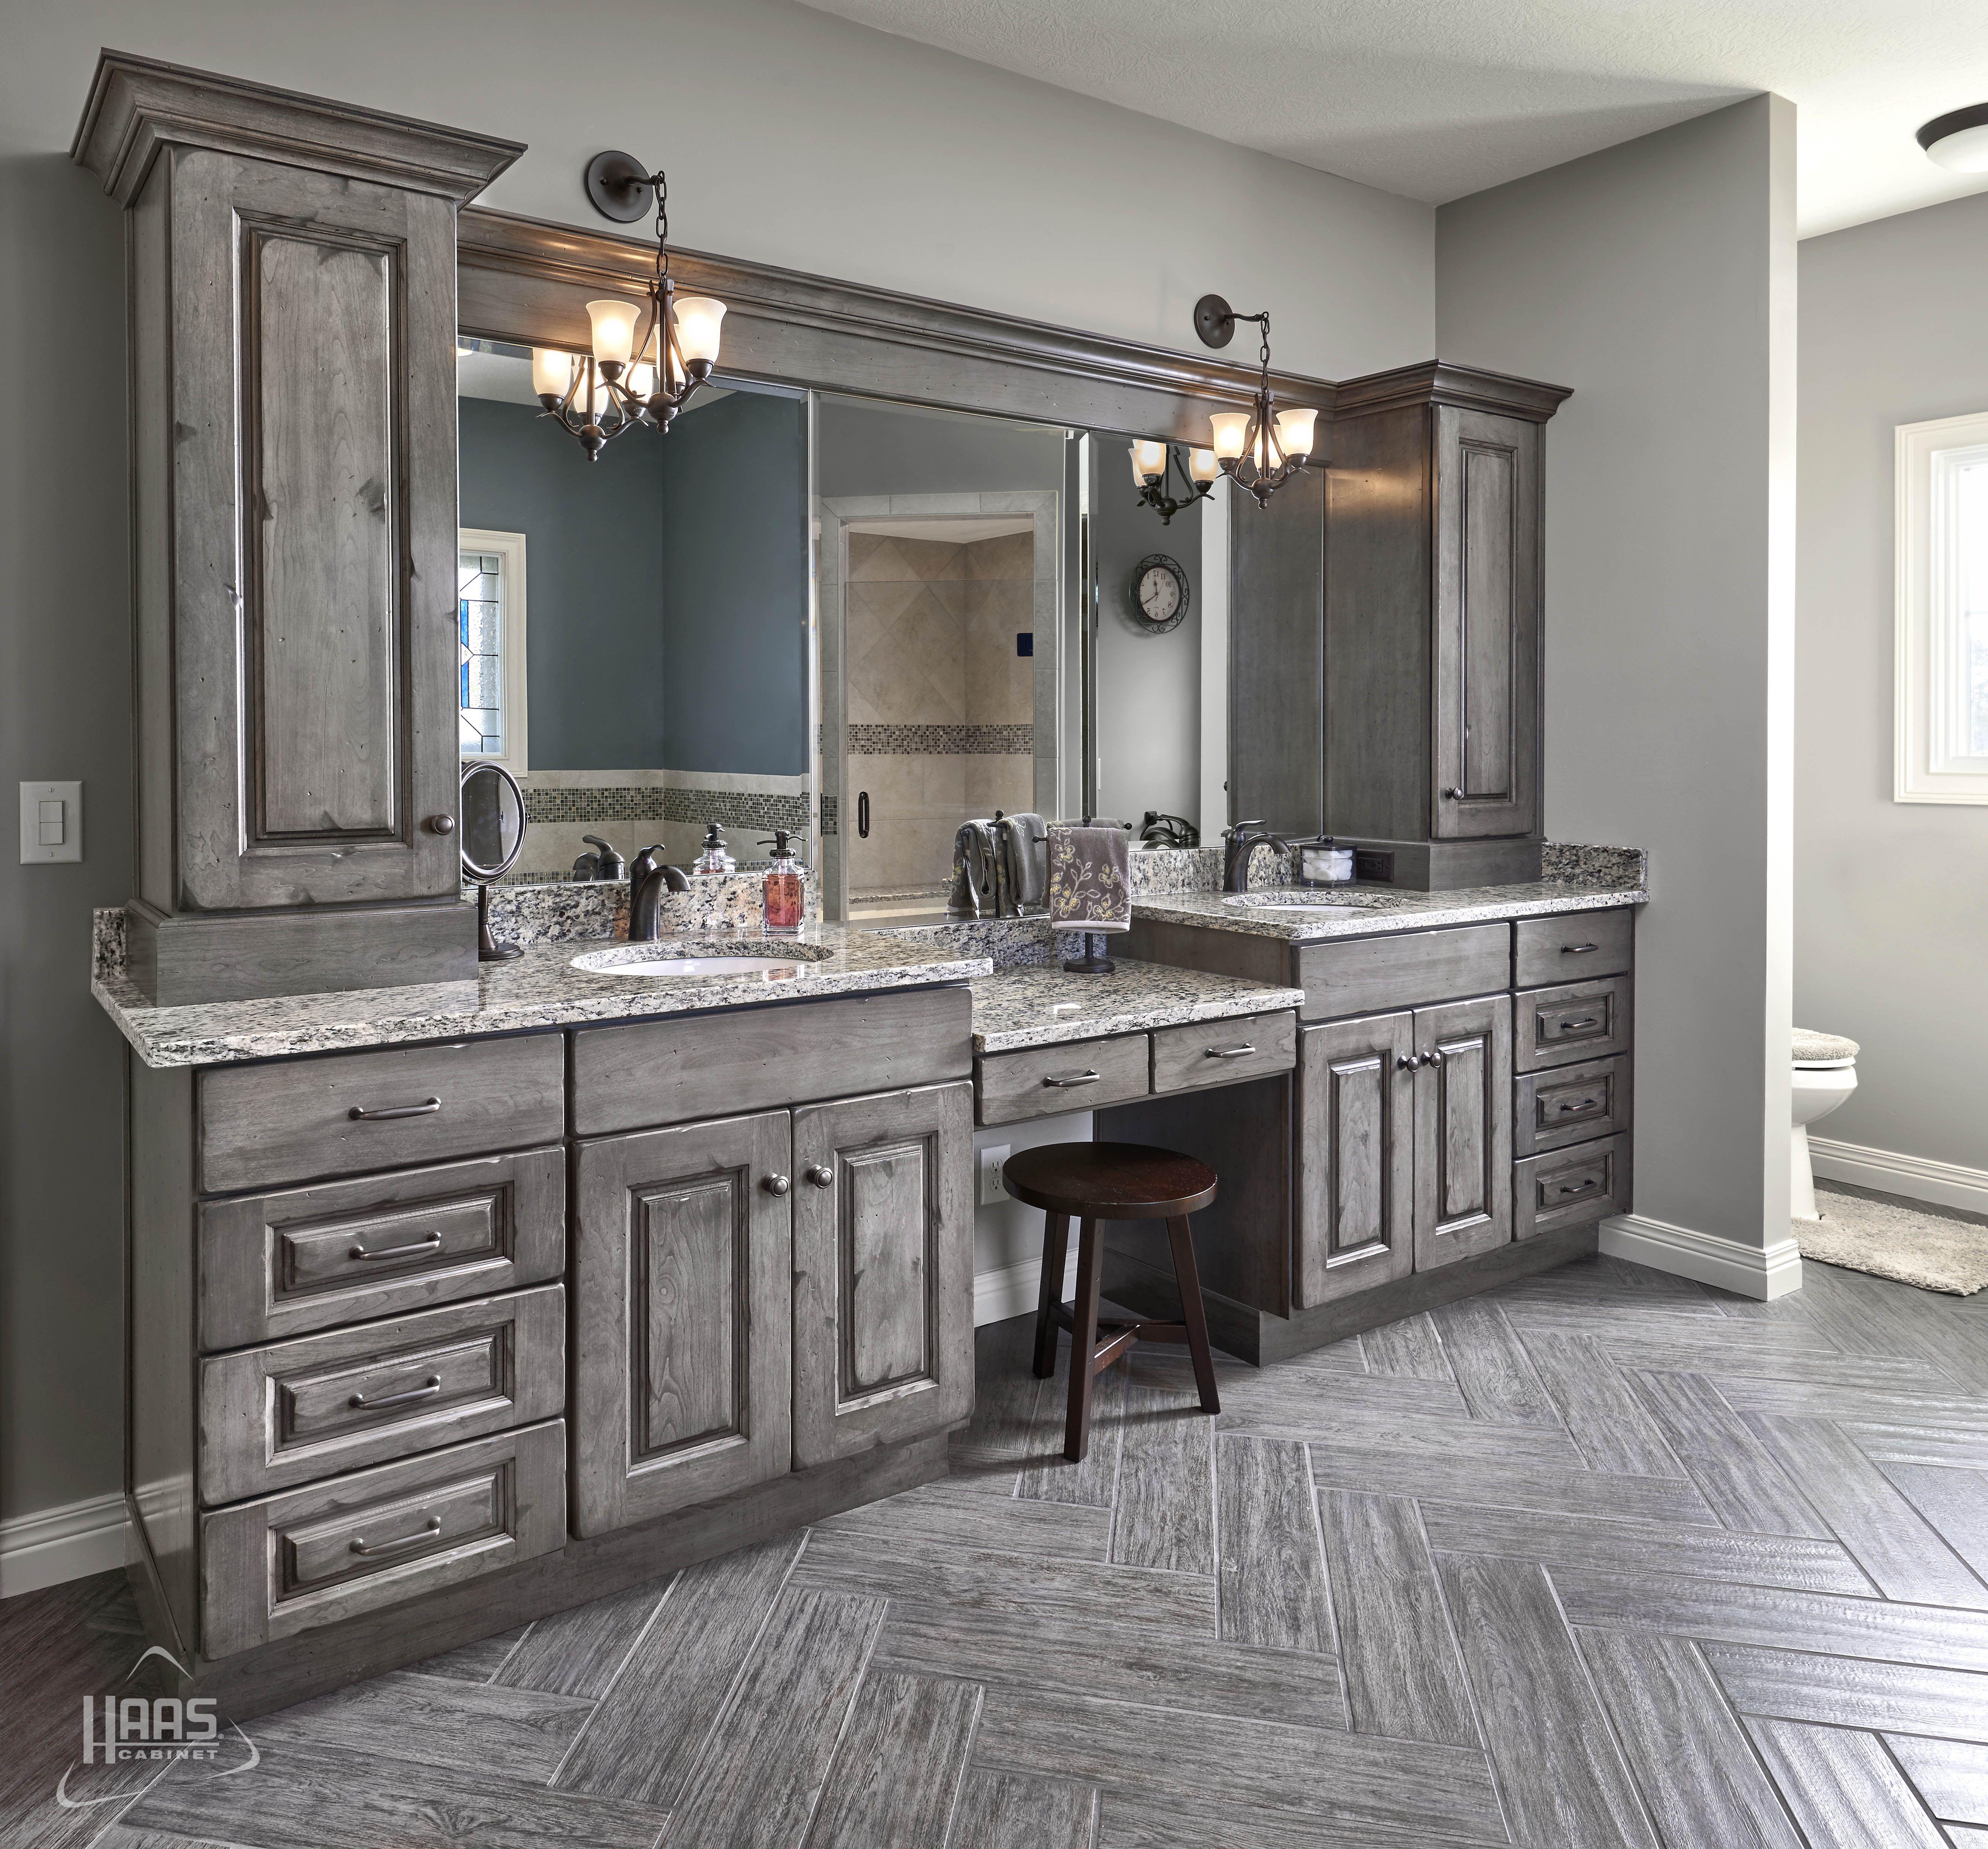 when cupboard cabinet risenmay simple barnwood to door how asimple doors a stacy open build